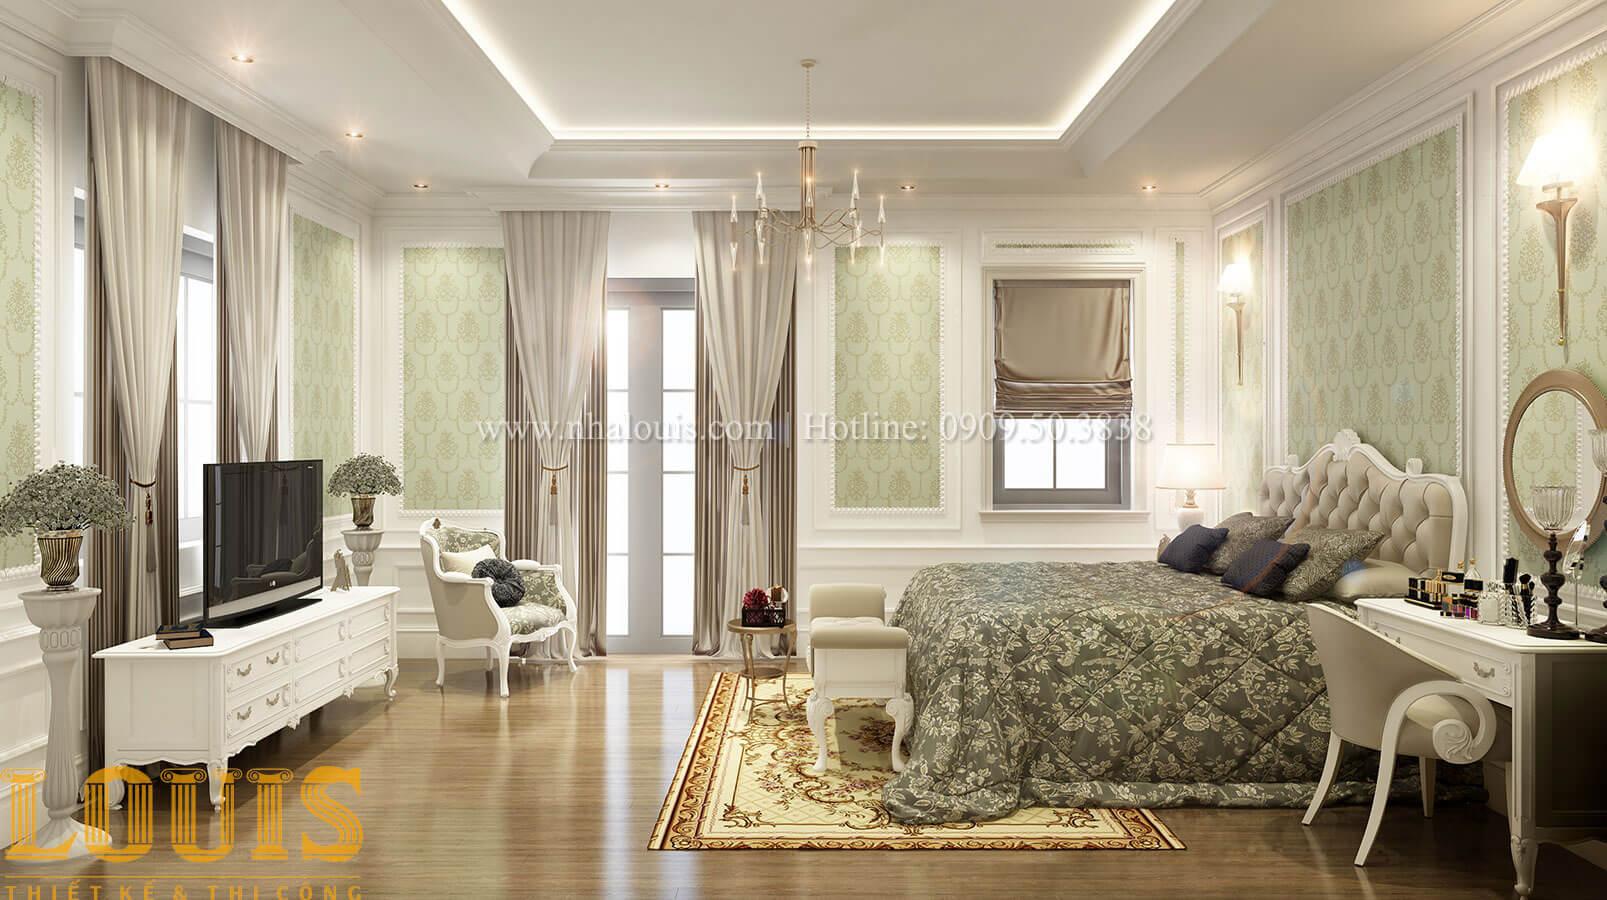 Phòng ngủ master Thiết kế biệt thự 3 tầng đẹp có sân vườn ở miền quê Đồng Nai - 22